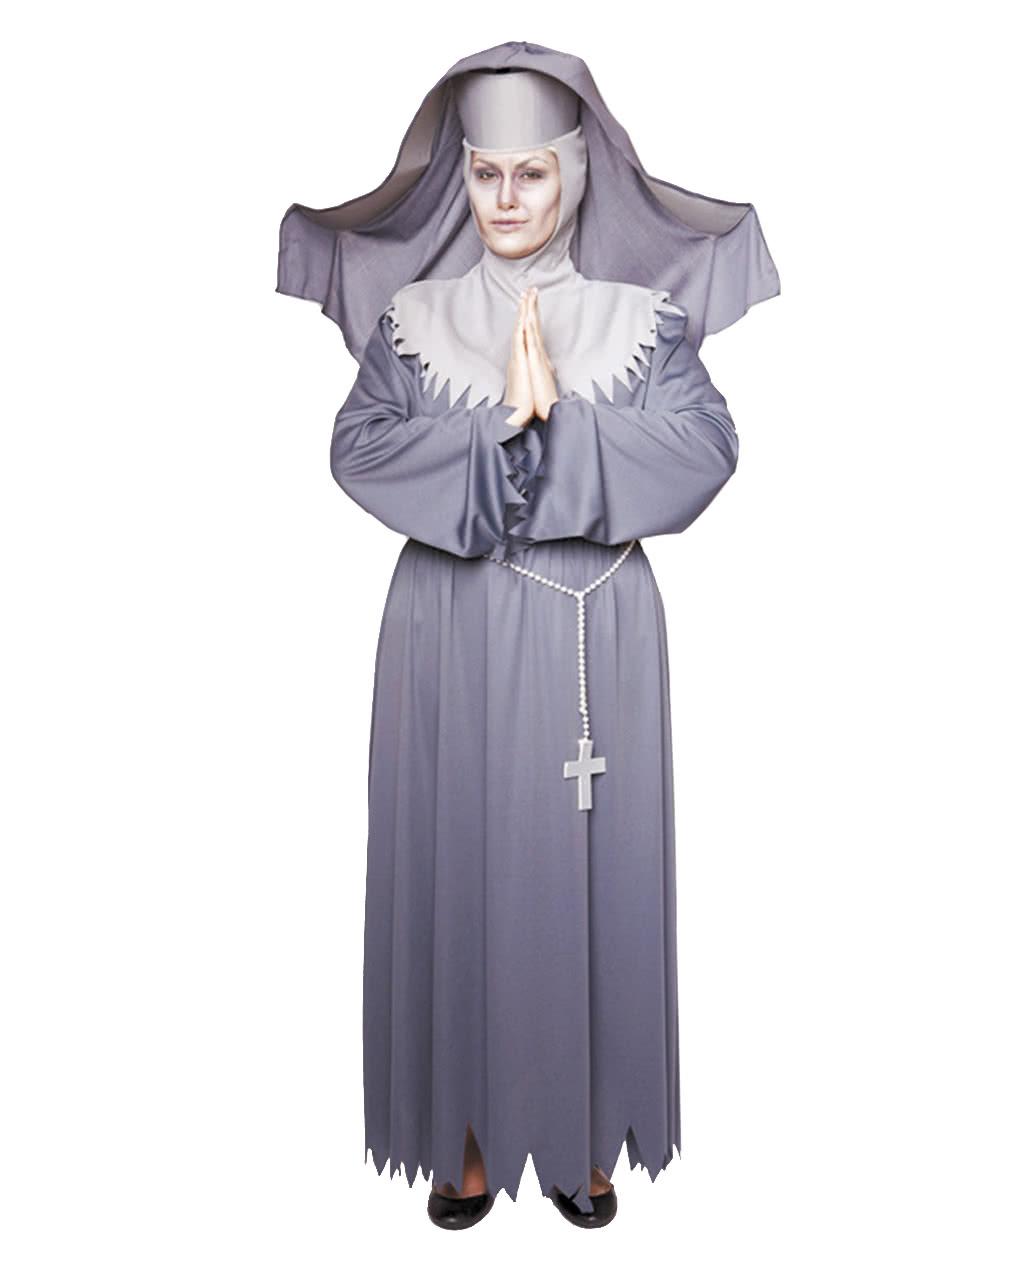 Unbarmherzige Nonne Kostum Nonnen Kutte Ordensschwester Kostum